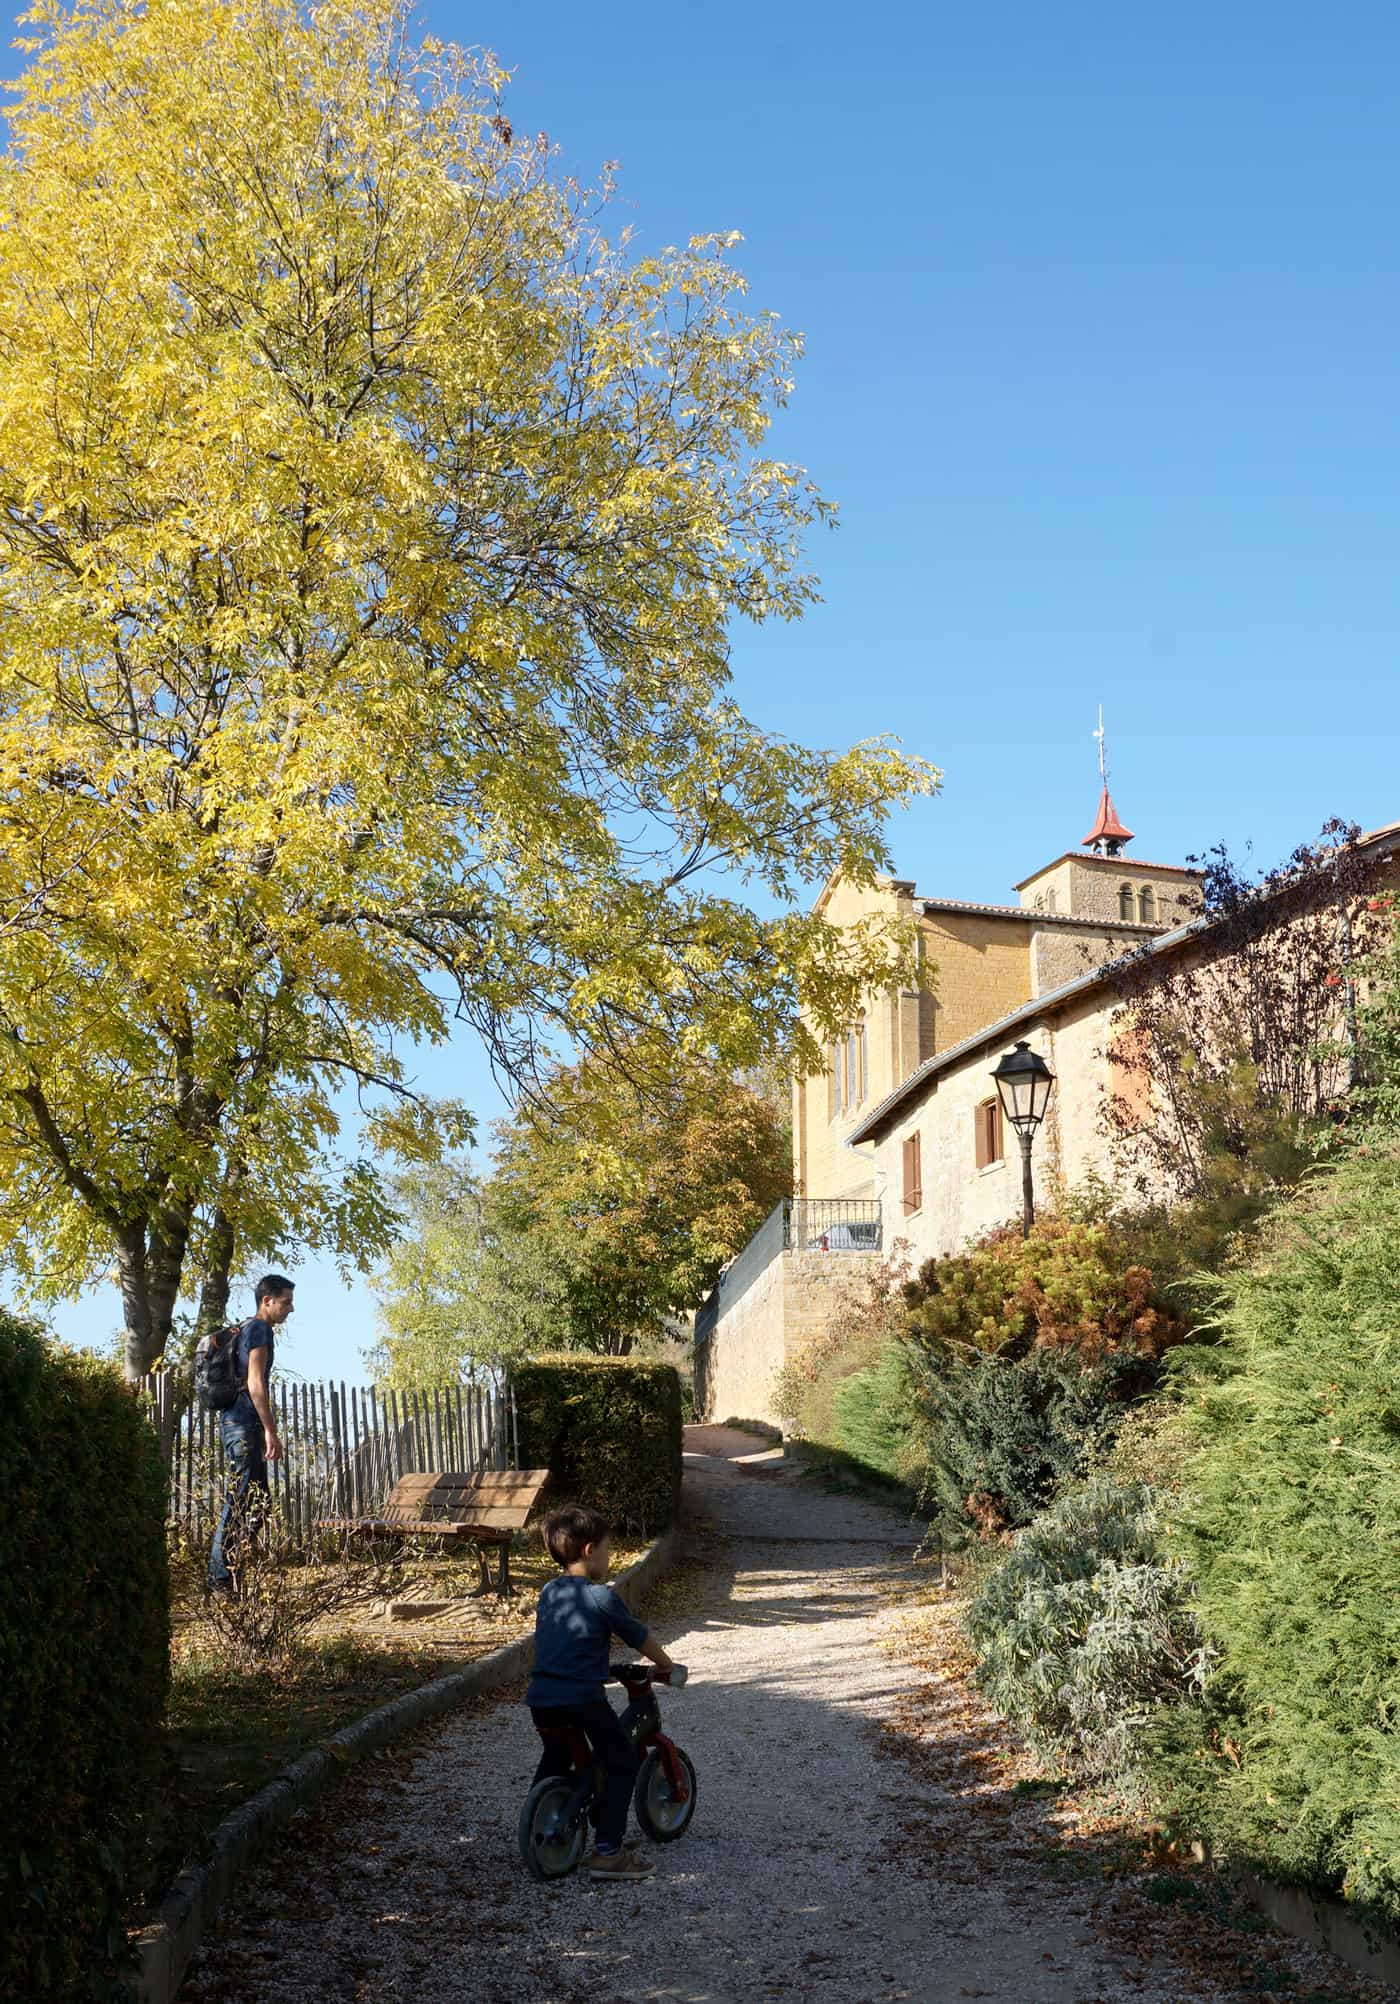 Balade dans le Beaujolais - Oingt, un des plus beaux villages de France